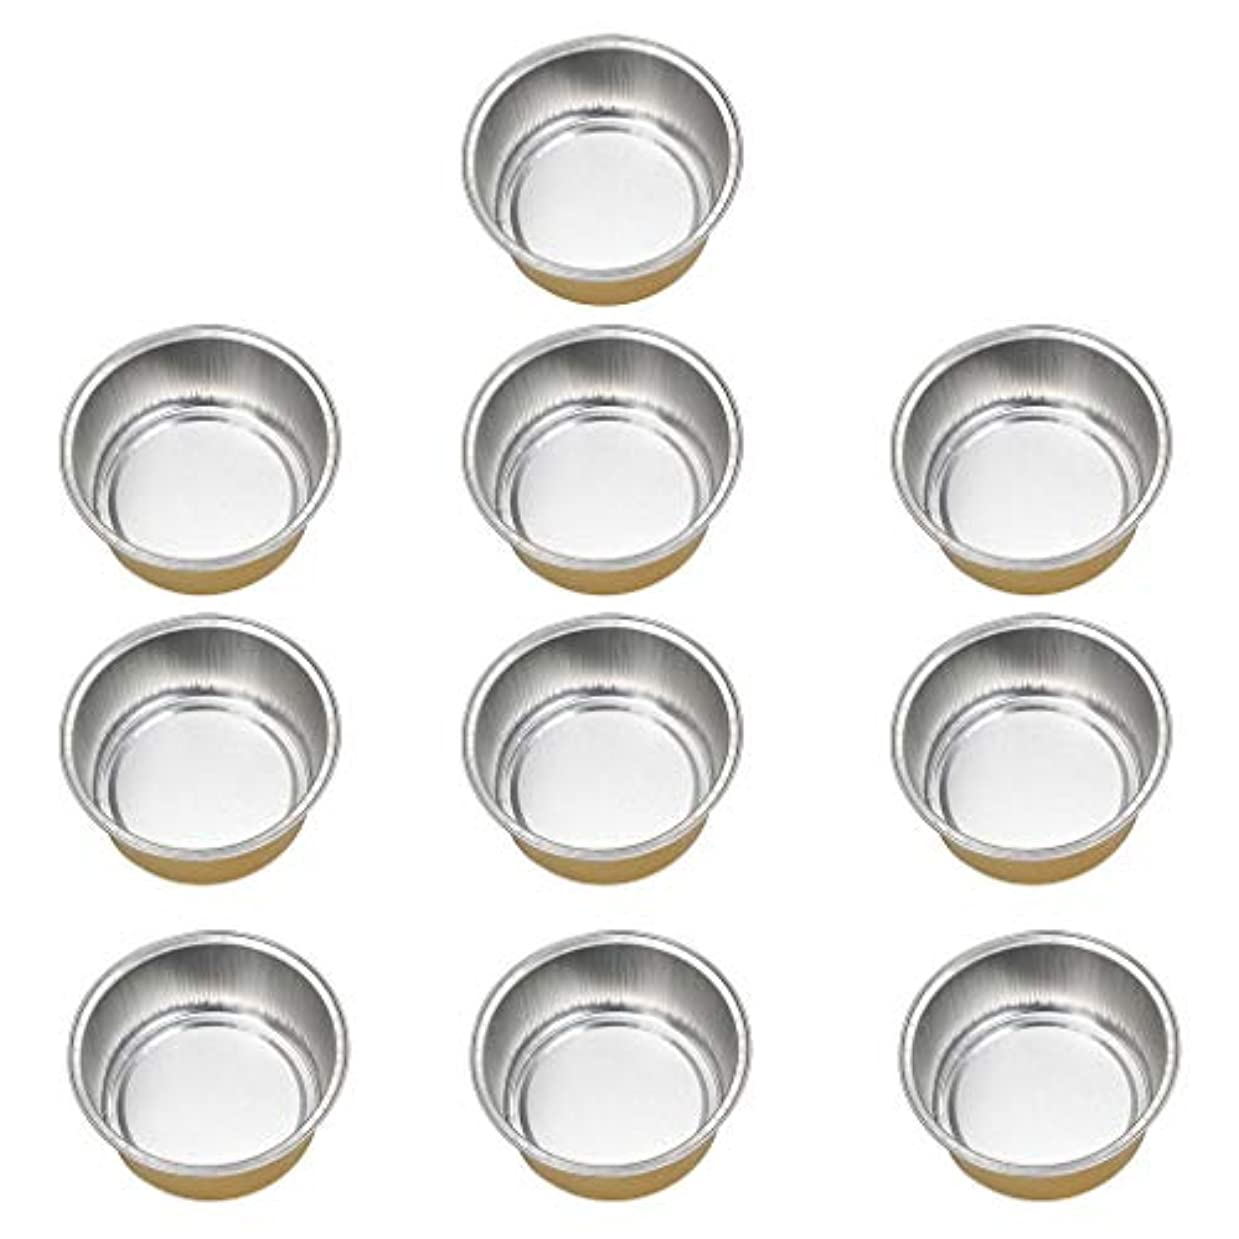 正確なパン屋ニコチンFLAMEER 10個 ワックスボウル ミニボウル アルミホイルボウル ワックス豆体 溶融 衛生的 2種選ぶ - ゴールデン2, 02